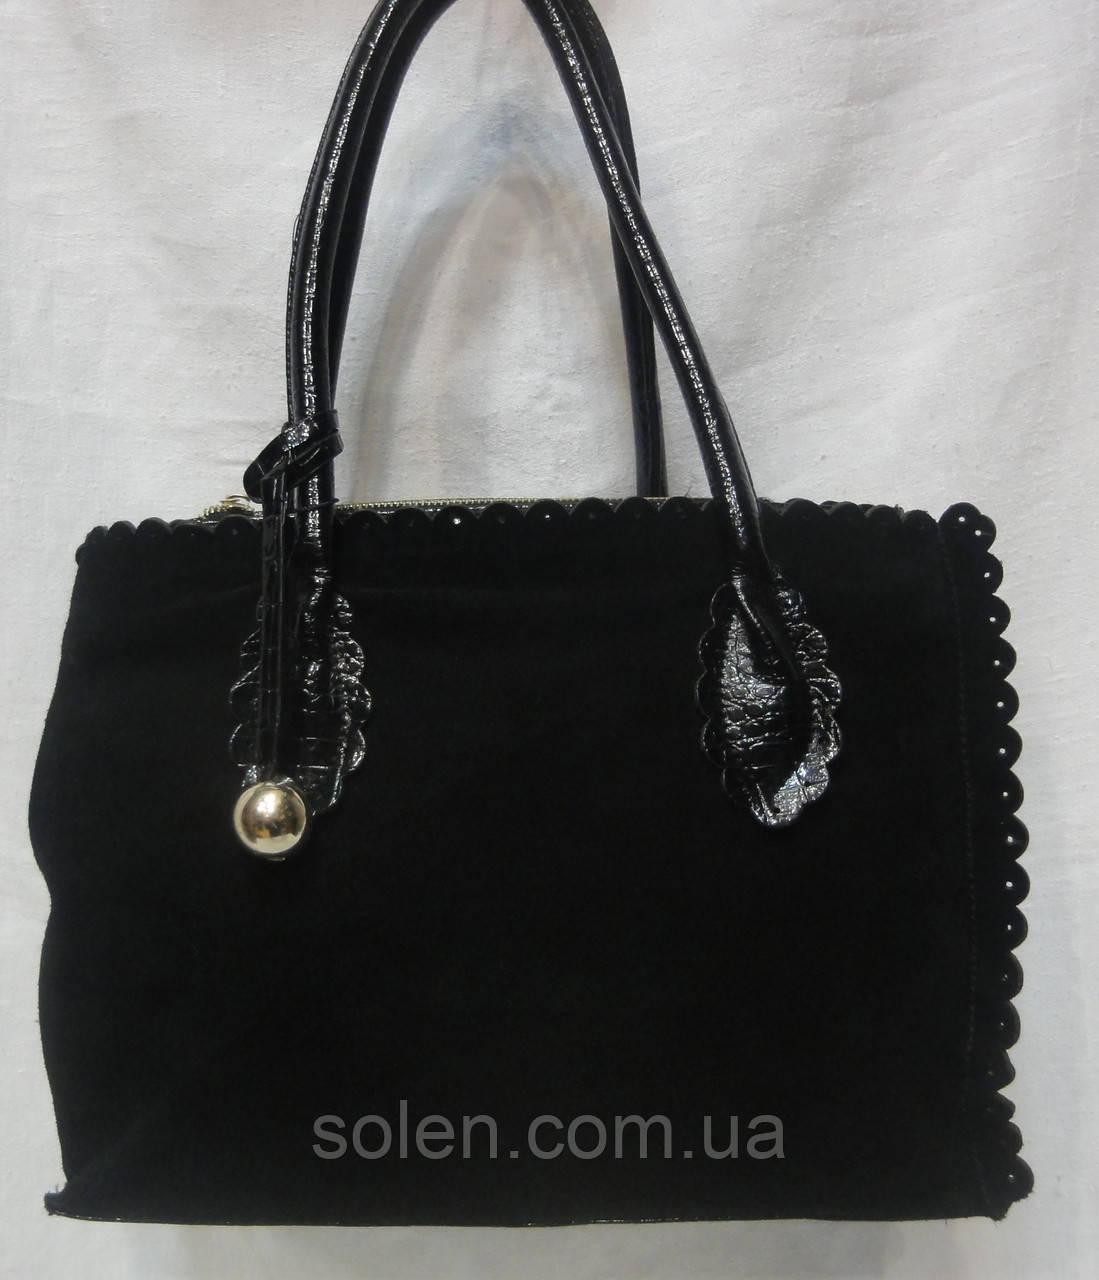 Стильна сумка з натуральної замші та штучної лакової шкіри.